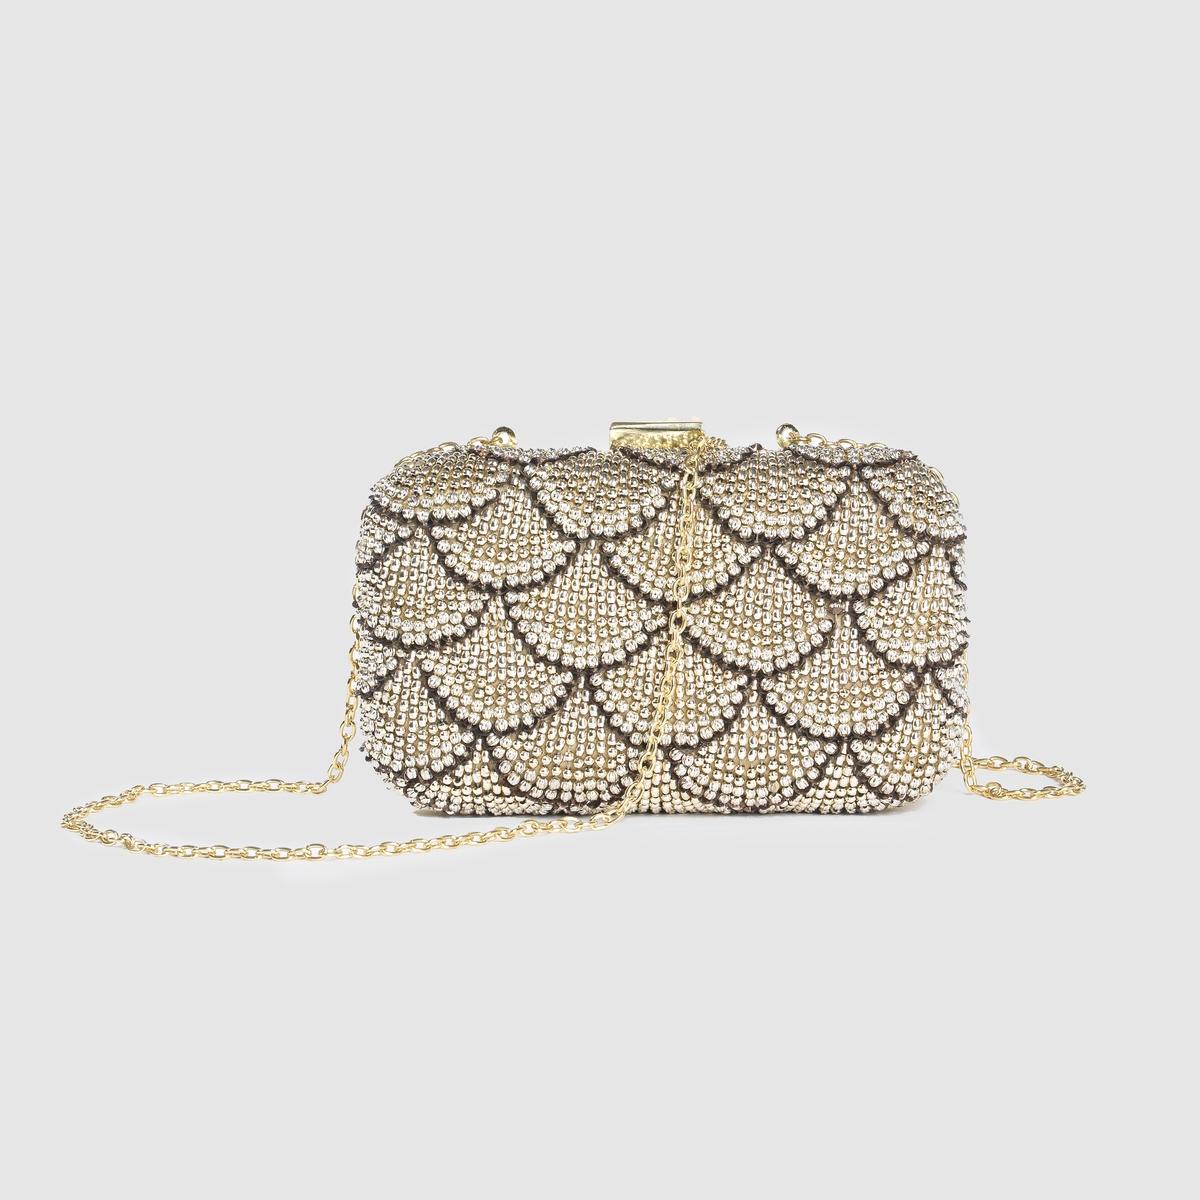 Сумка для вечернего платьяСумка-клатч для вечернего платьяМарка: MADEMOISELLE R.Размеры: 19 x 11 x 5 см.Верх: стразы.Подкладка: 100% текстиля.Застежка: на металлическую защелку.Карманы: - Плечевой ремень: металлическая цепочка. Преимущества: изысканная и элегантная сумка, которую удобно держать в руке во время вечерних мероприятий.<br><br>Цвет: золотистый